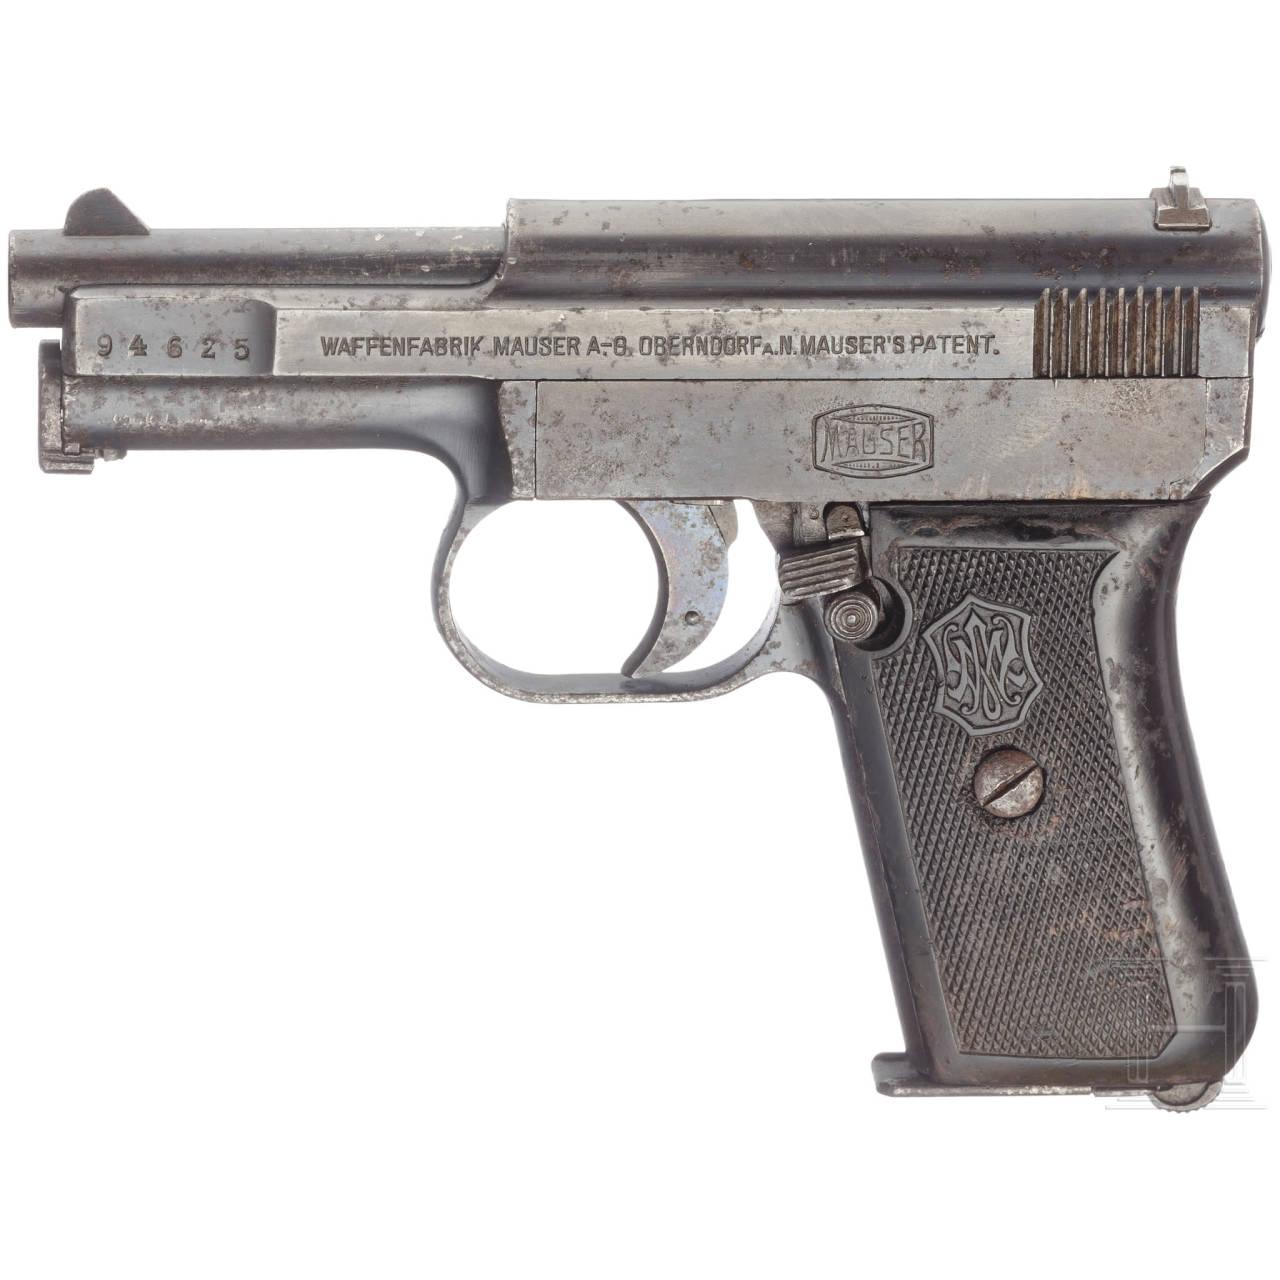 Mauser Mod. 1910